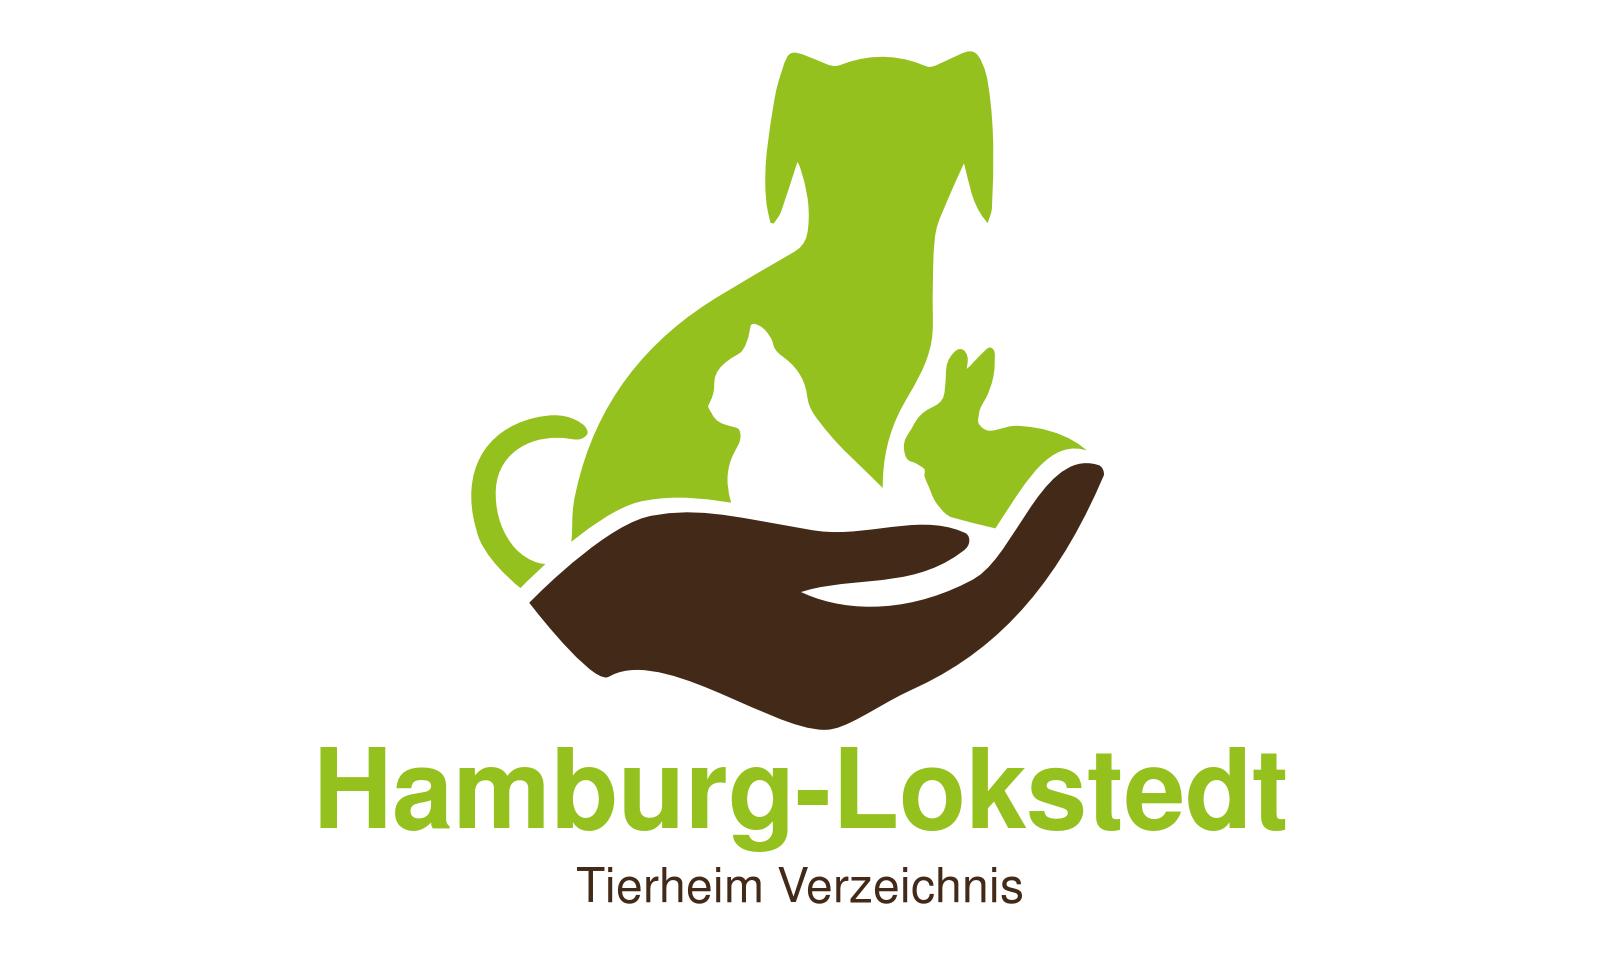 Tierheim Hamburg Lokstedt